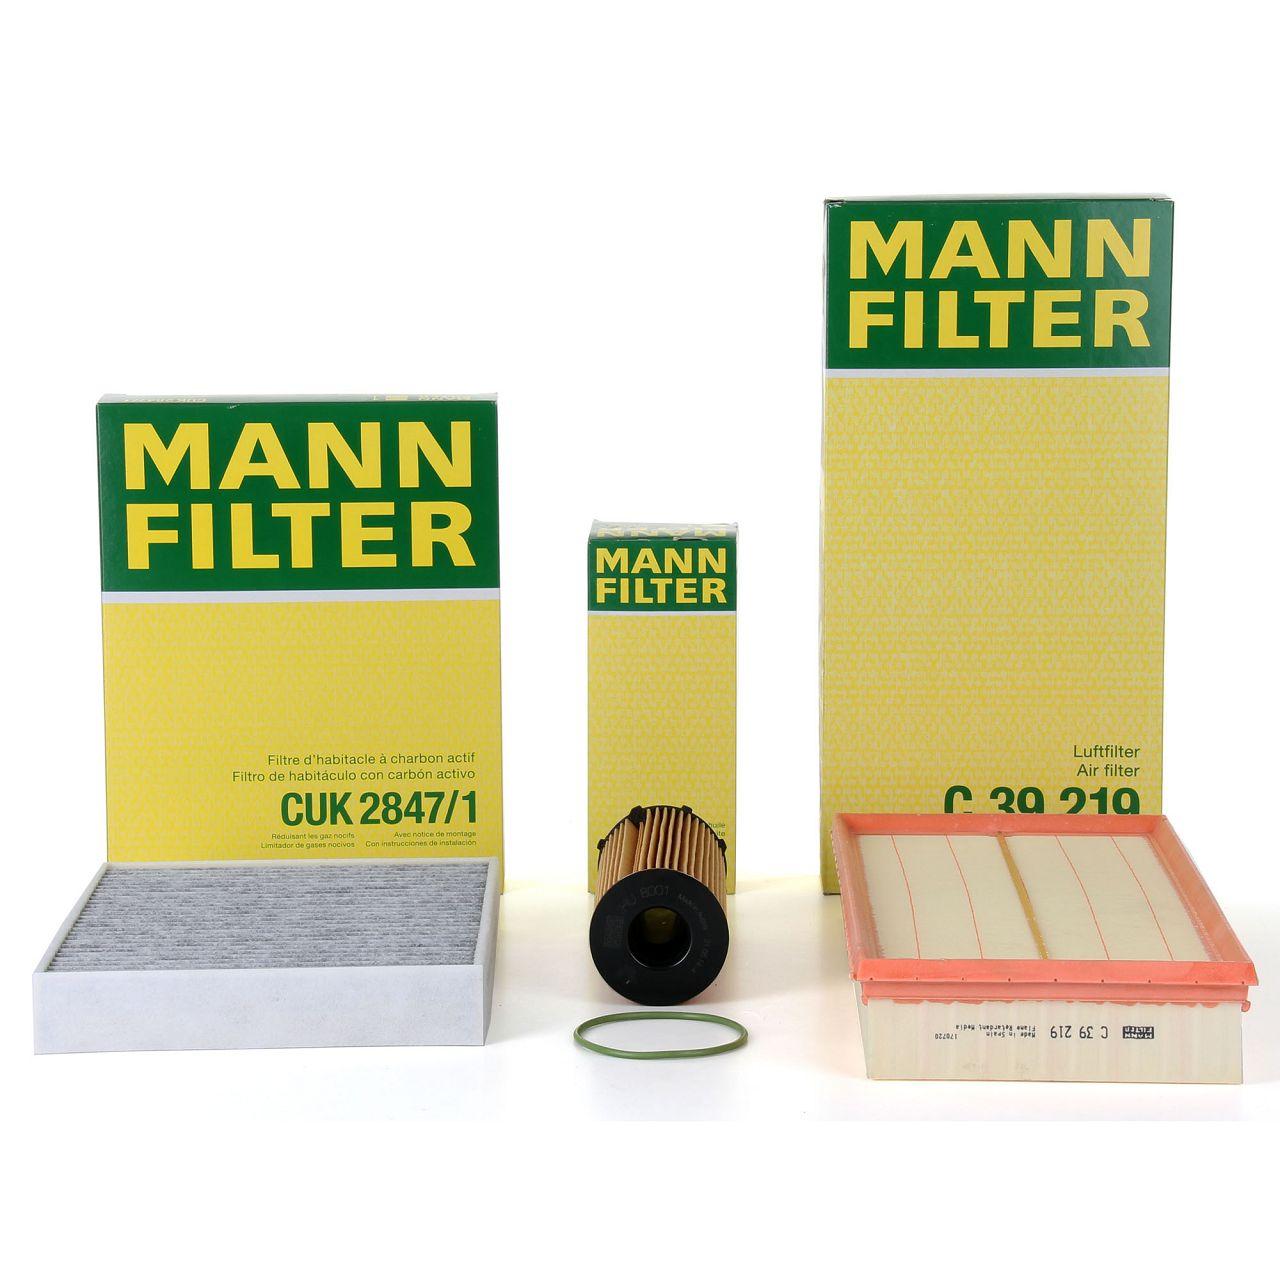 MANN Inspektionskit Filterpaket für PORSCHE CAYENNE (92A) 3.0 Diesel 239 PS